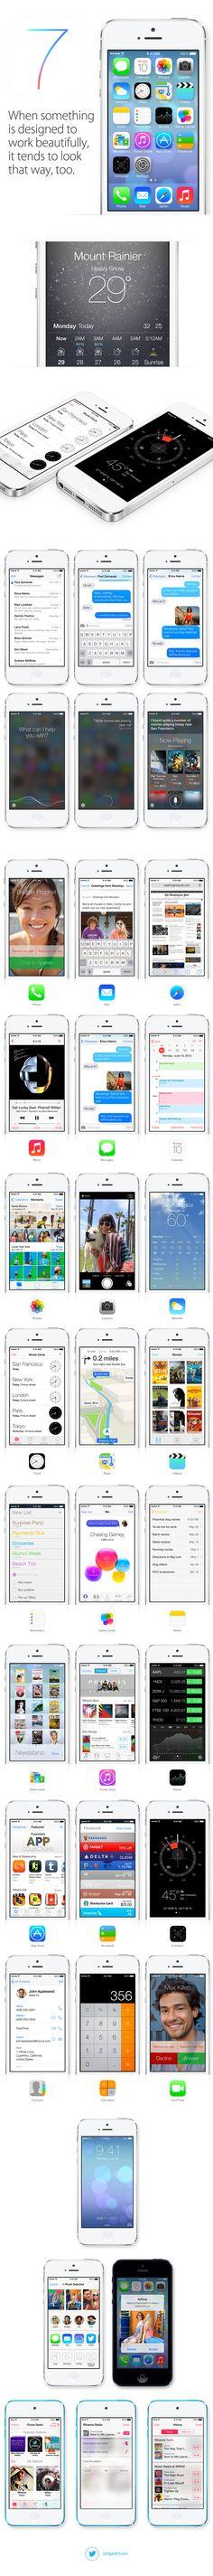 #Apple IOS7 design #flatui #ui more at http://www.apple.com/ios/ios7/design/